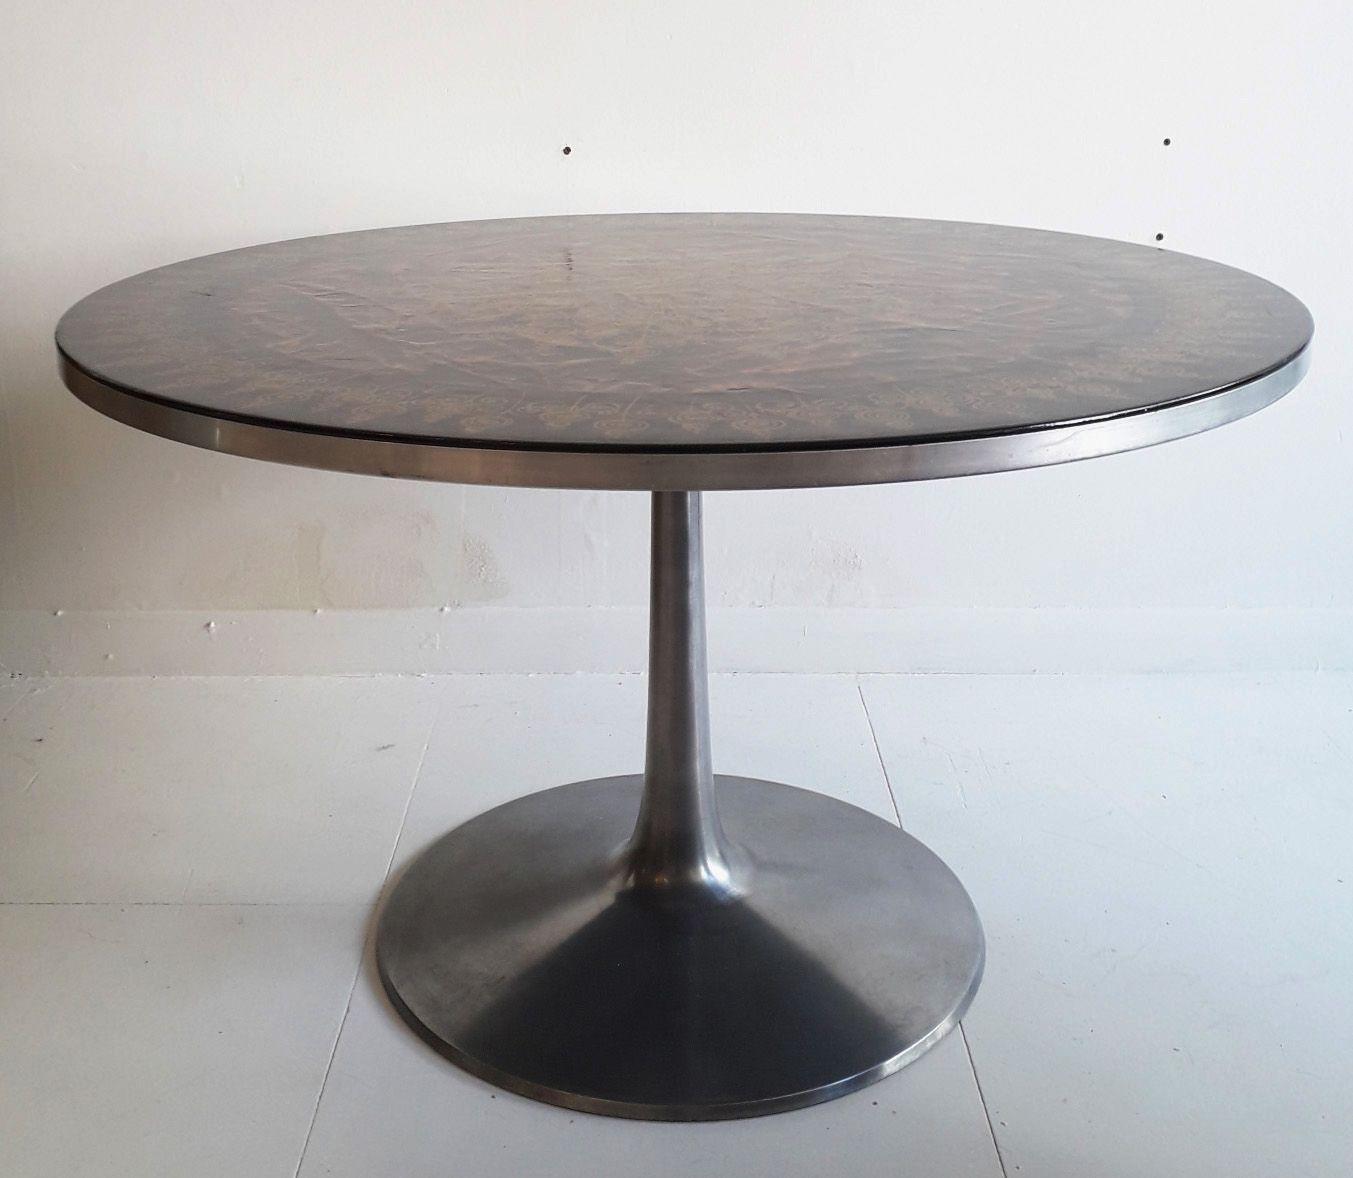 Tisch Rund Ausziehbar Buche Runde Esstische Massivholz